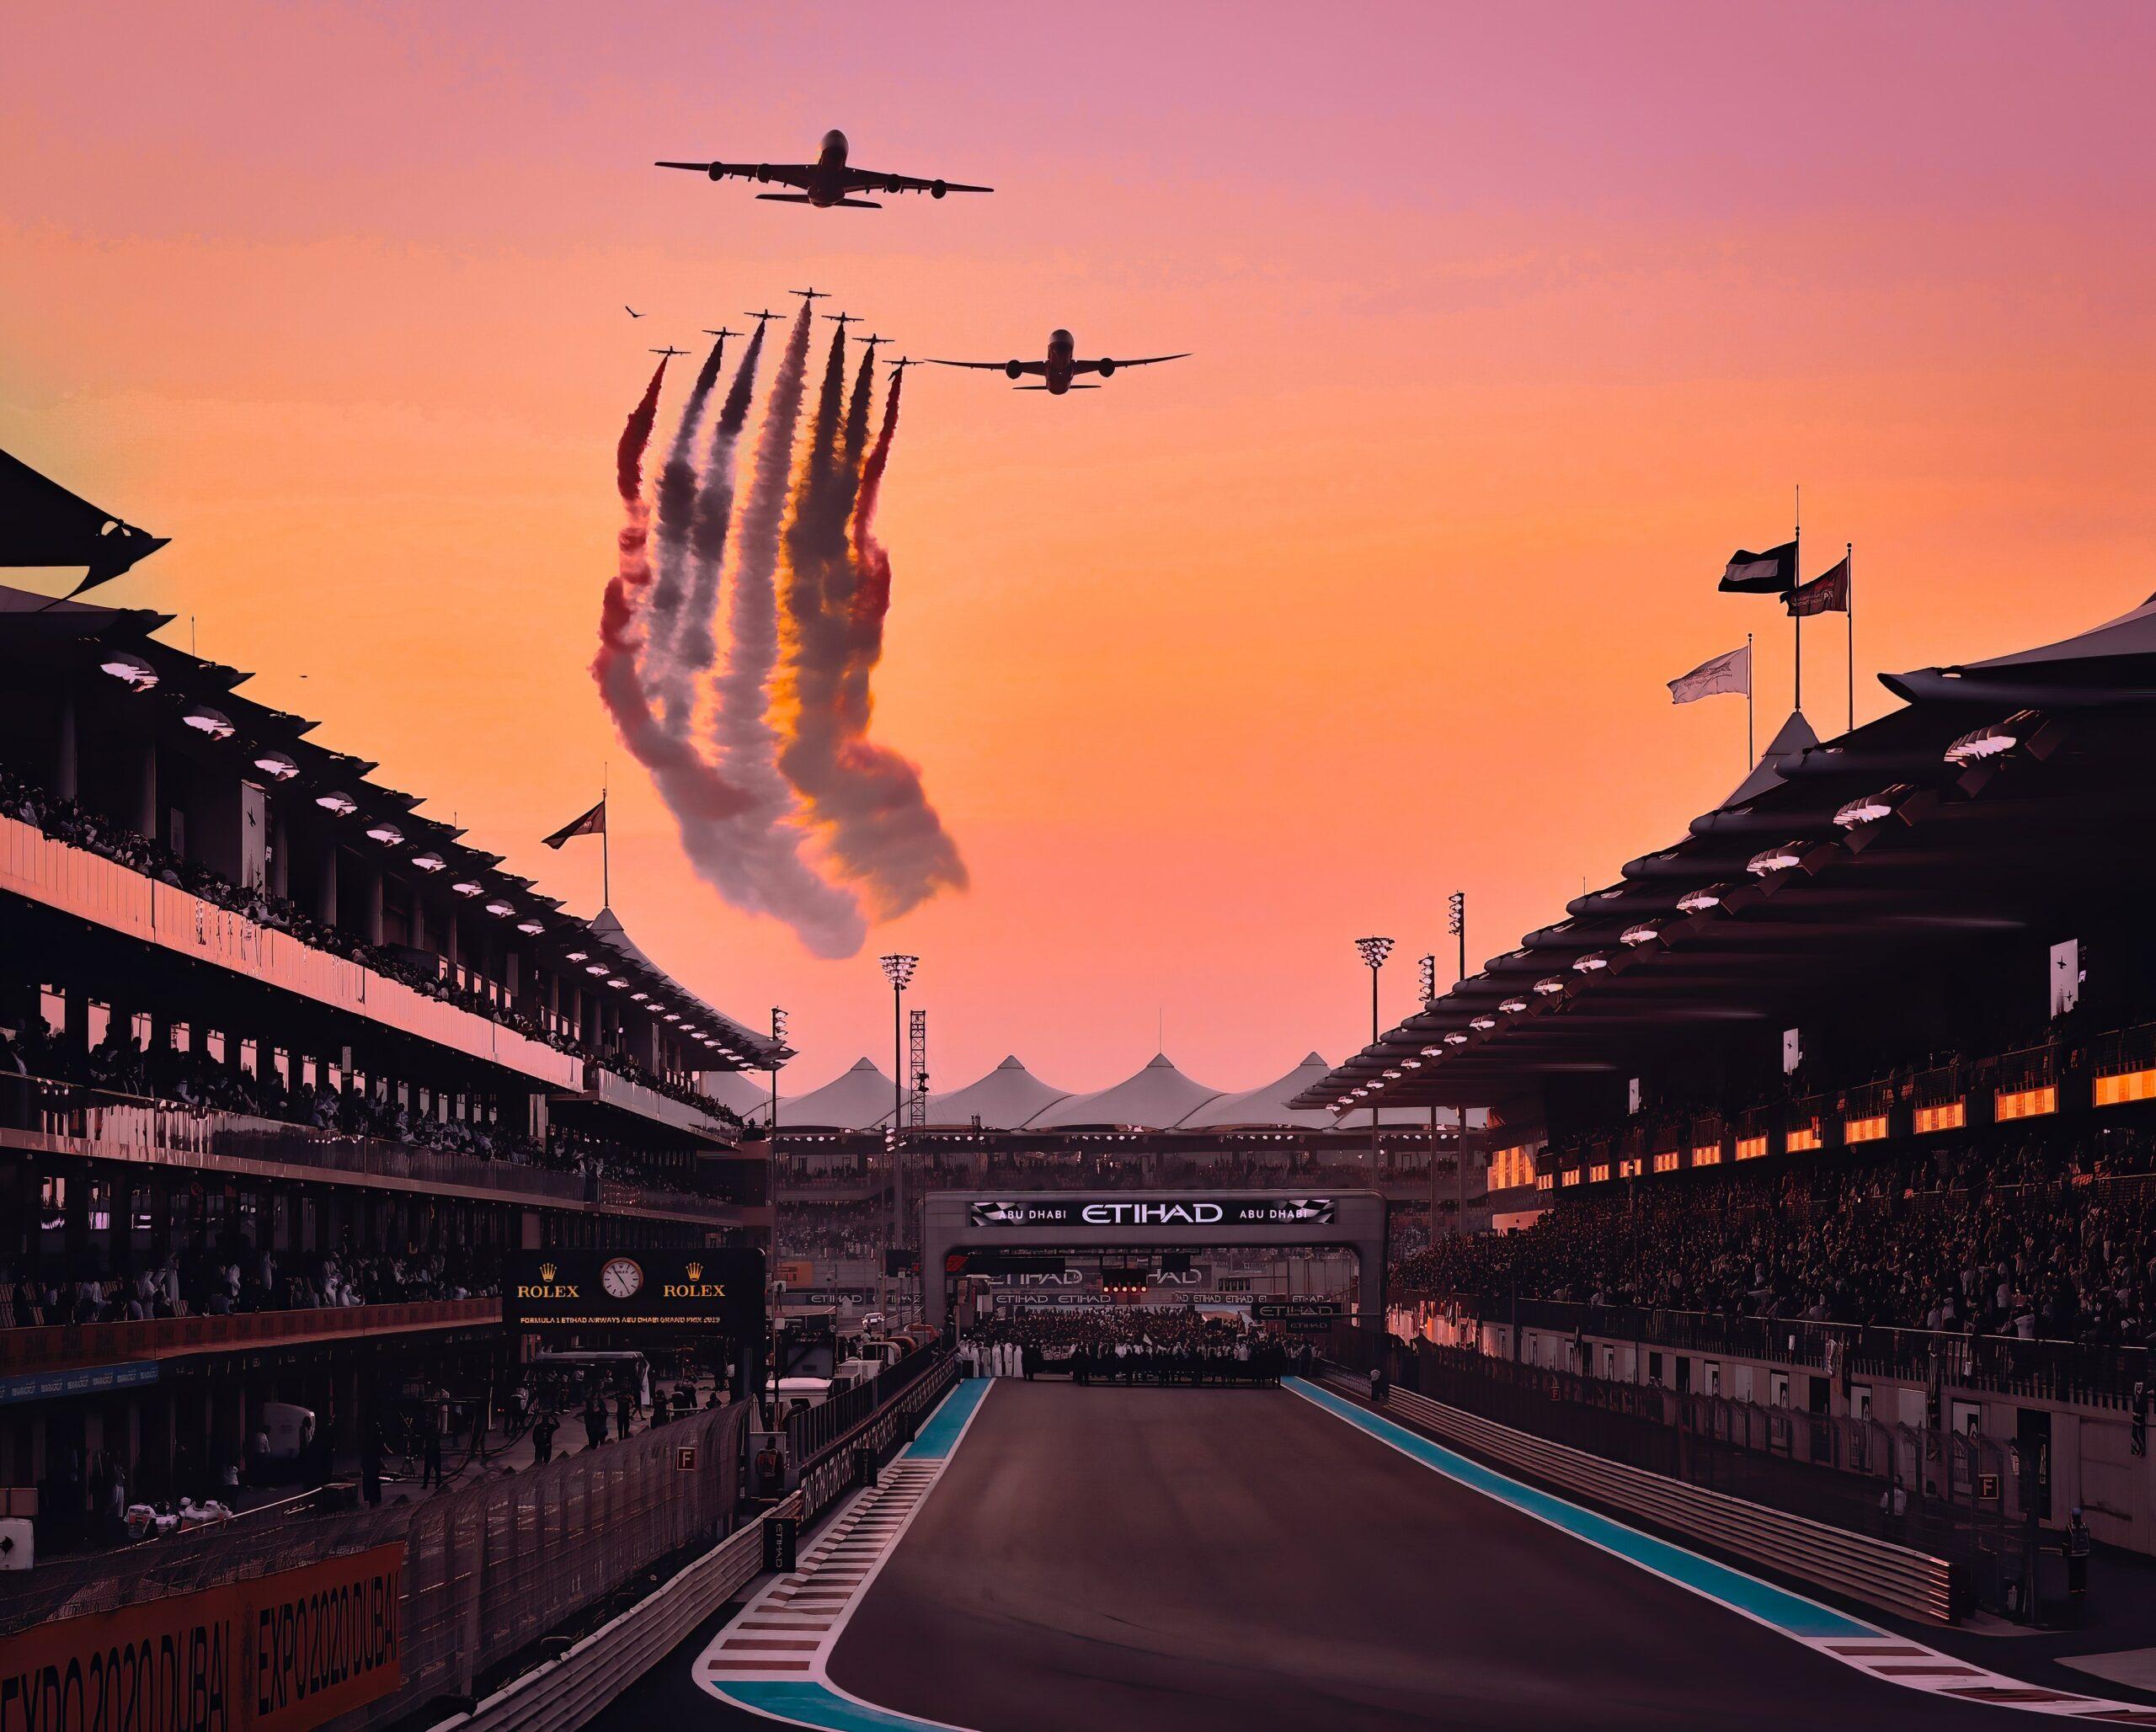 Zevendaagse vliegreis – Formule 1 Abu Dhabi 2021